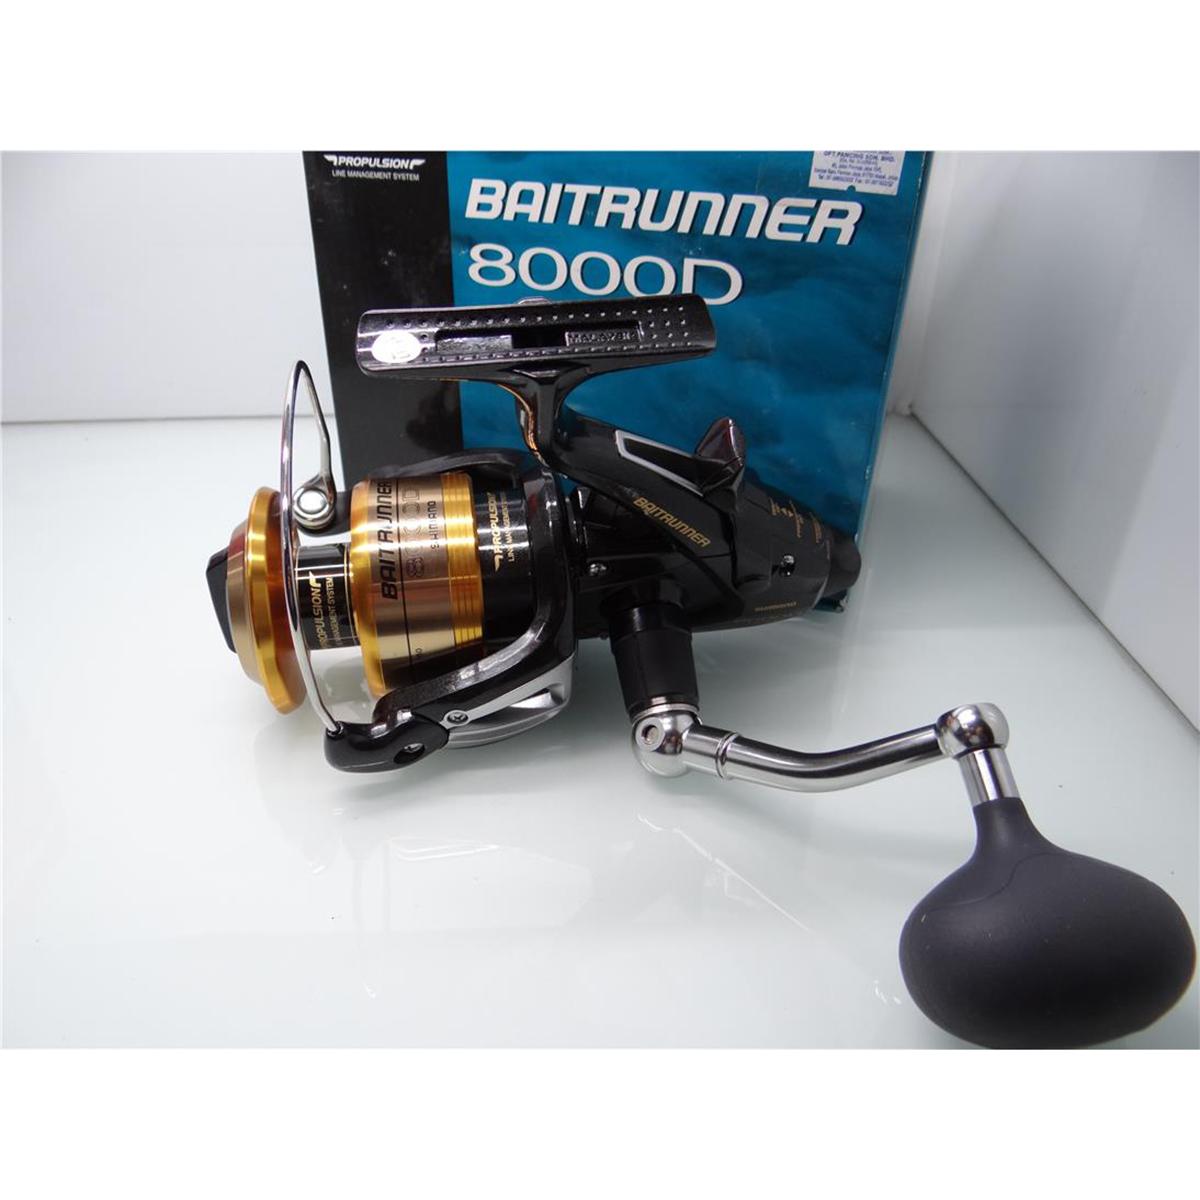 Máy câu cá Shimano Baitrunner 8000D BH 1 Năm Chính Hãng